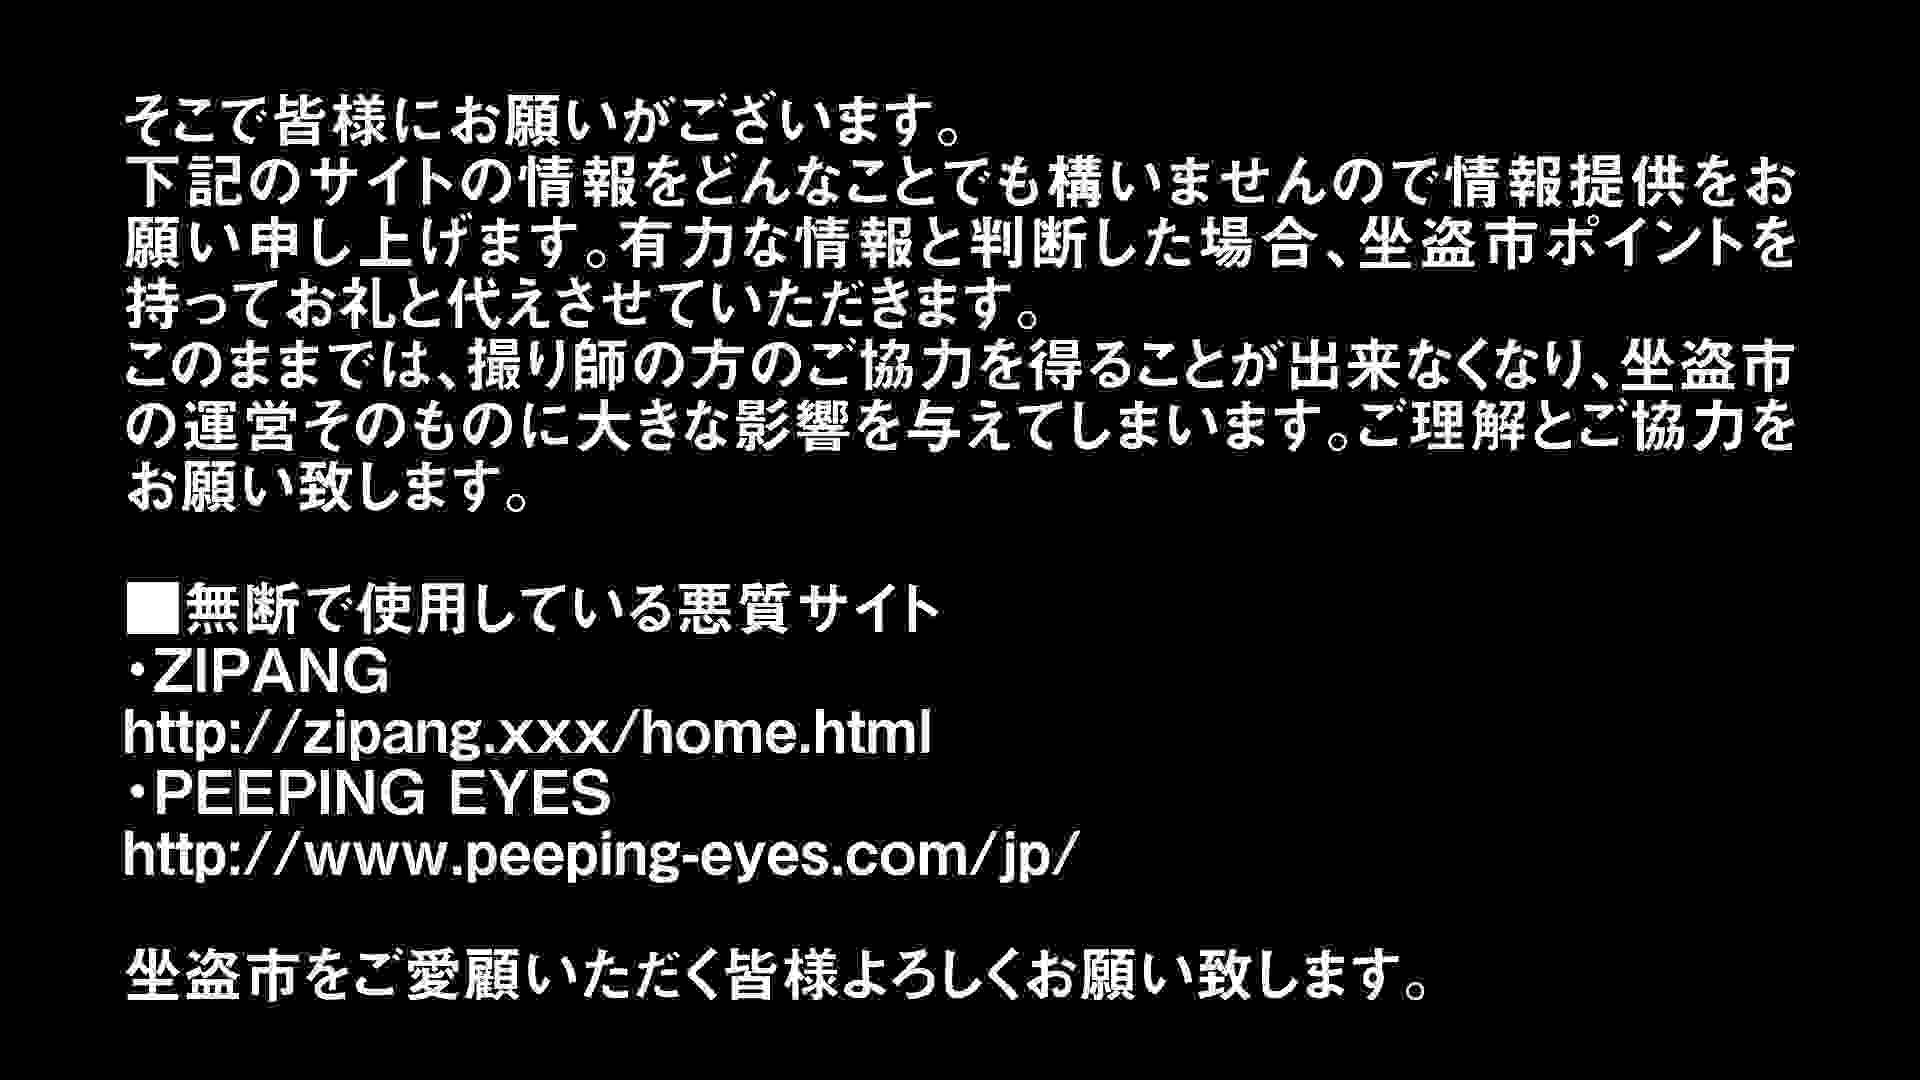 Aquaな露天風呂Vol.304 いやらしいOL 盗撮動画紹介 65連発 2